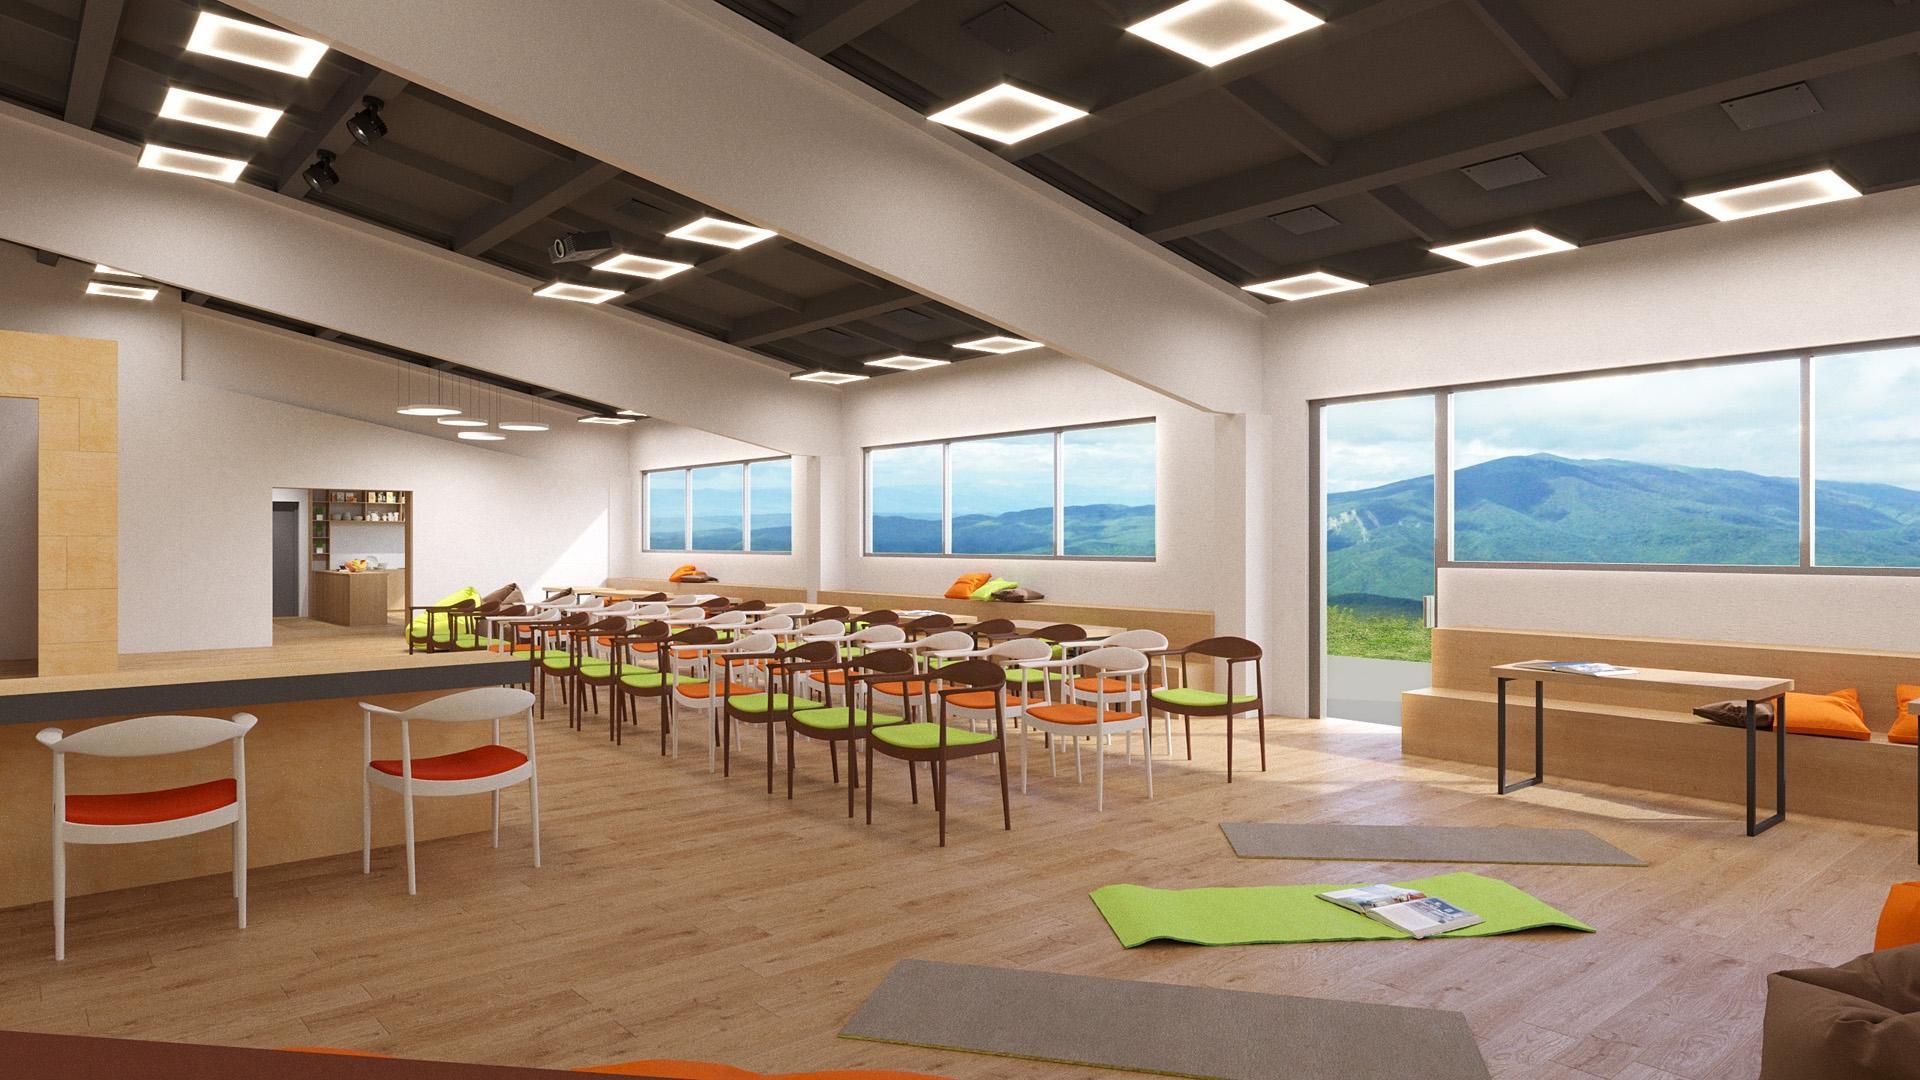 Изображение для проекта Учебный зал центра гуманной педагогики в Грузии 2024